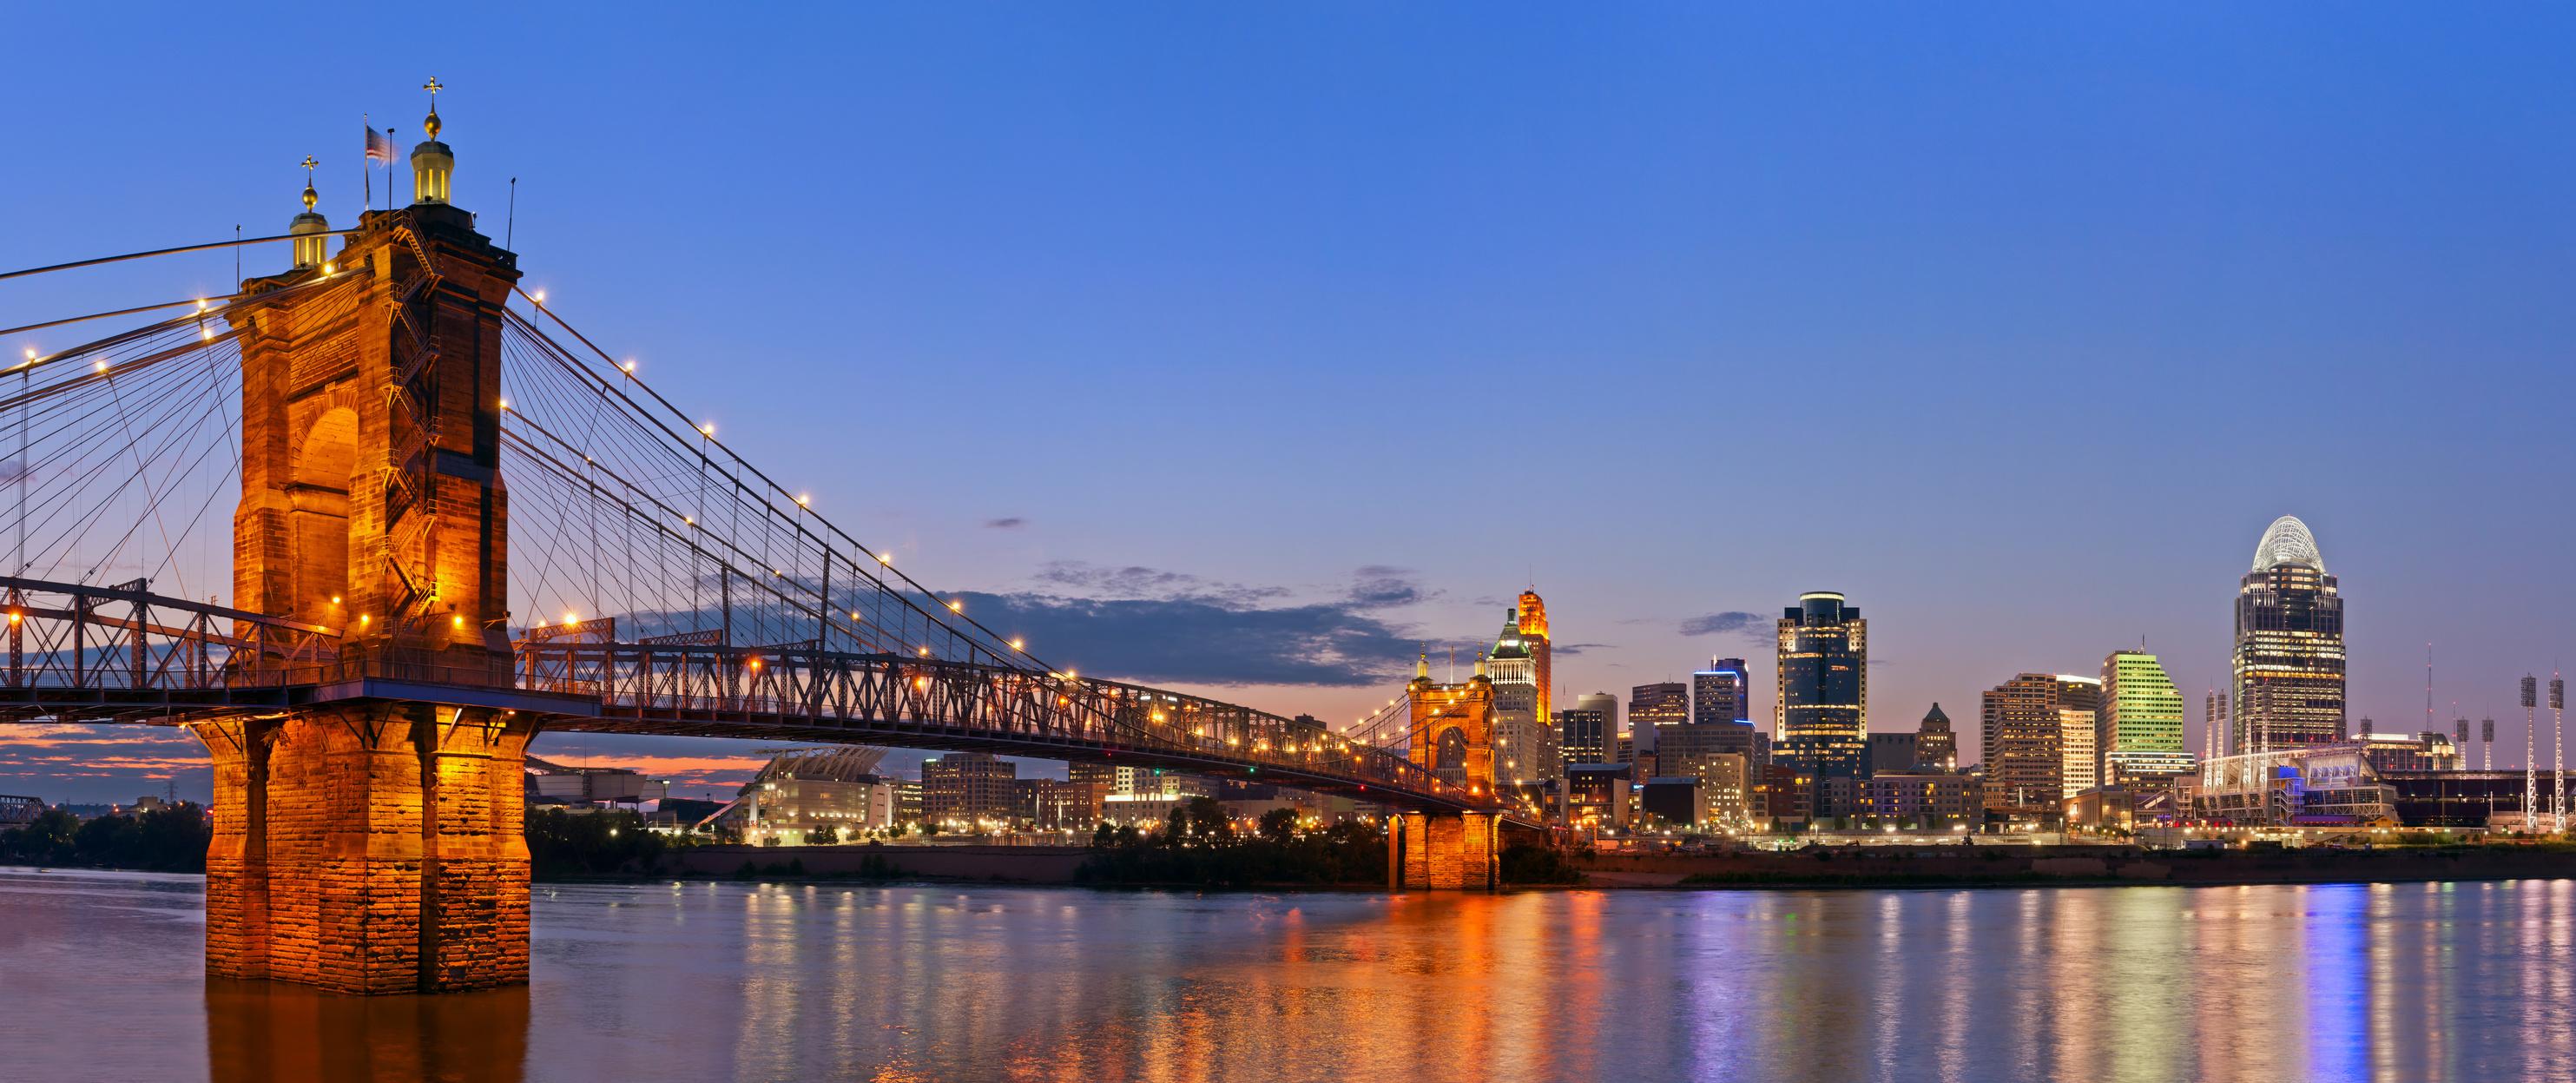 Cincinnati Bing images